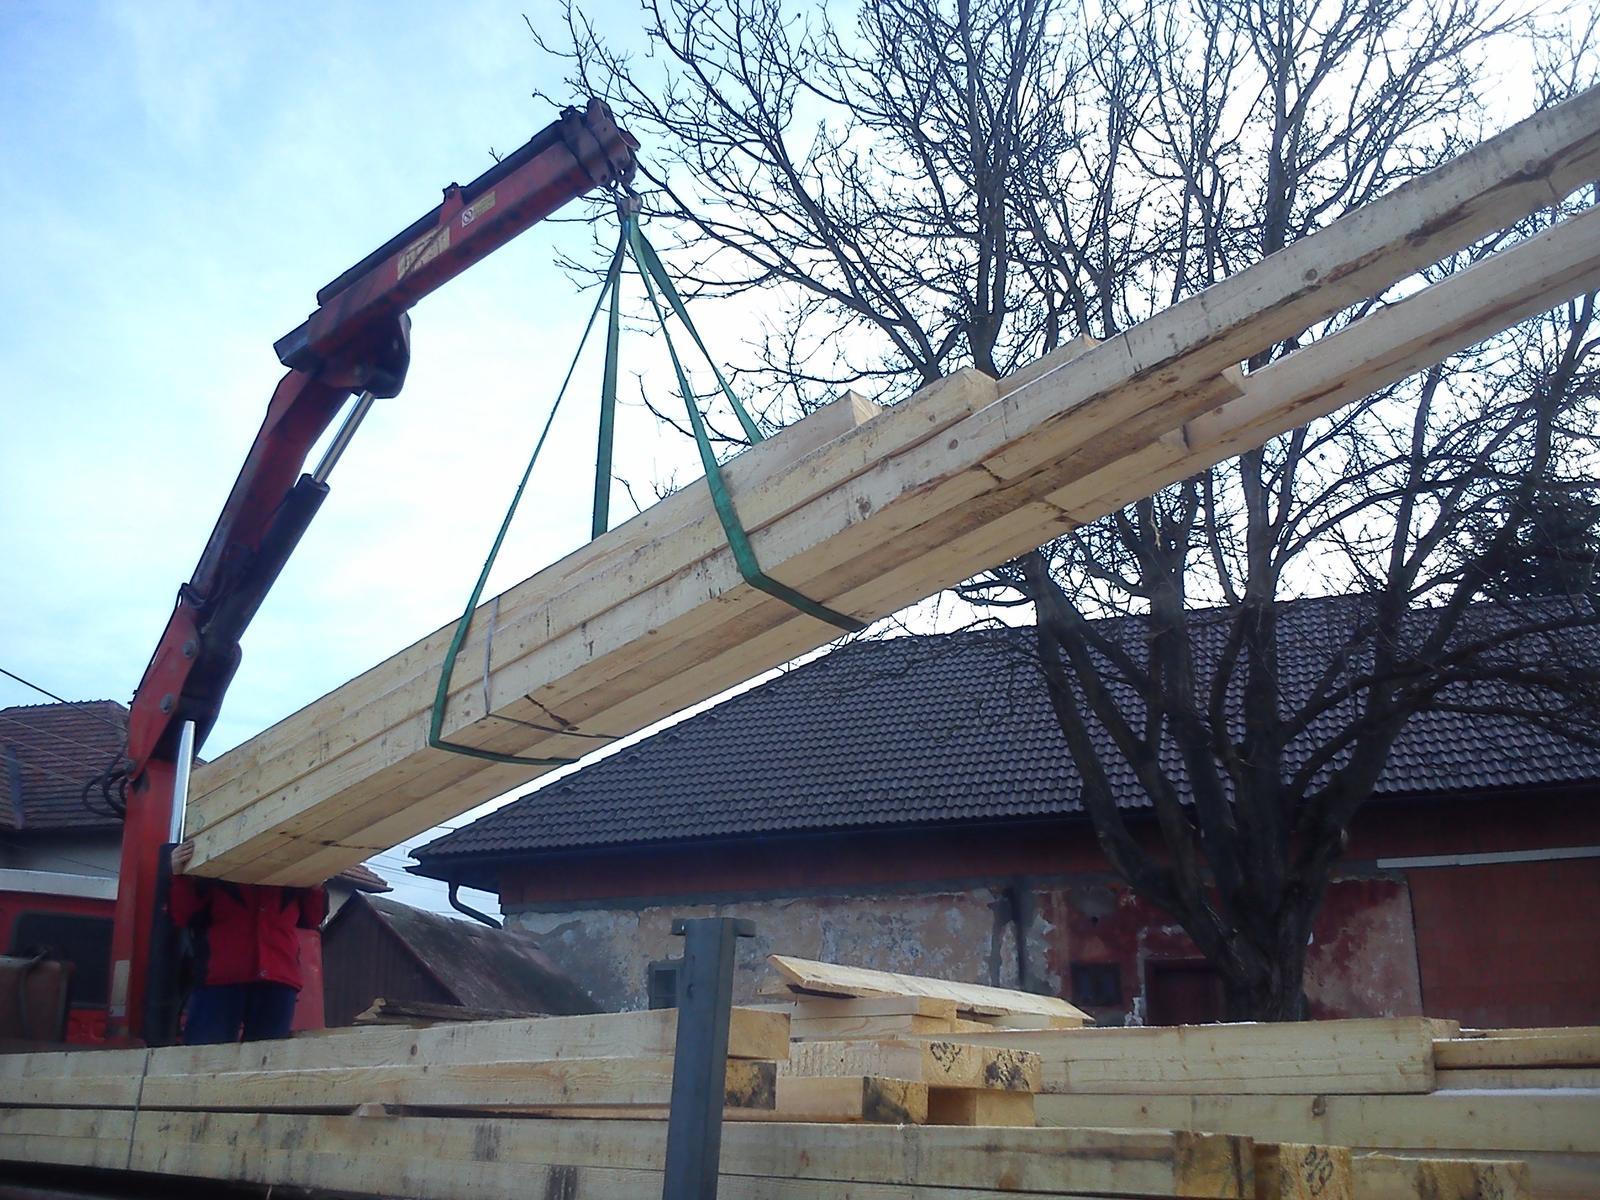 Sen, ktorý sa volá náš domček - Prišlo drevo na krov.